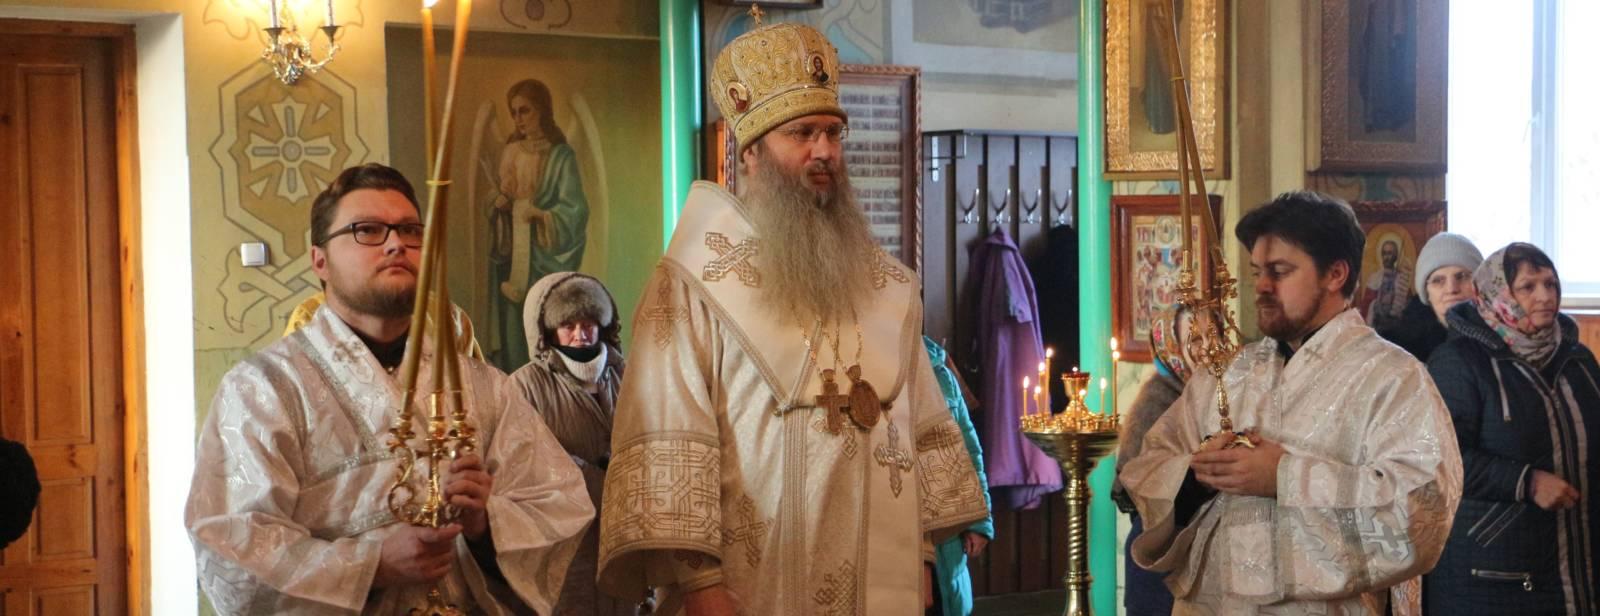 Божественная литургия в храме Святителя Николая Архиепископа Мирликийского г. Михайловки.